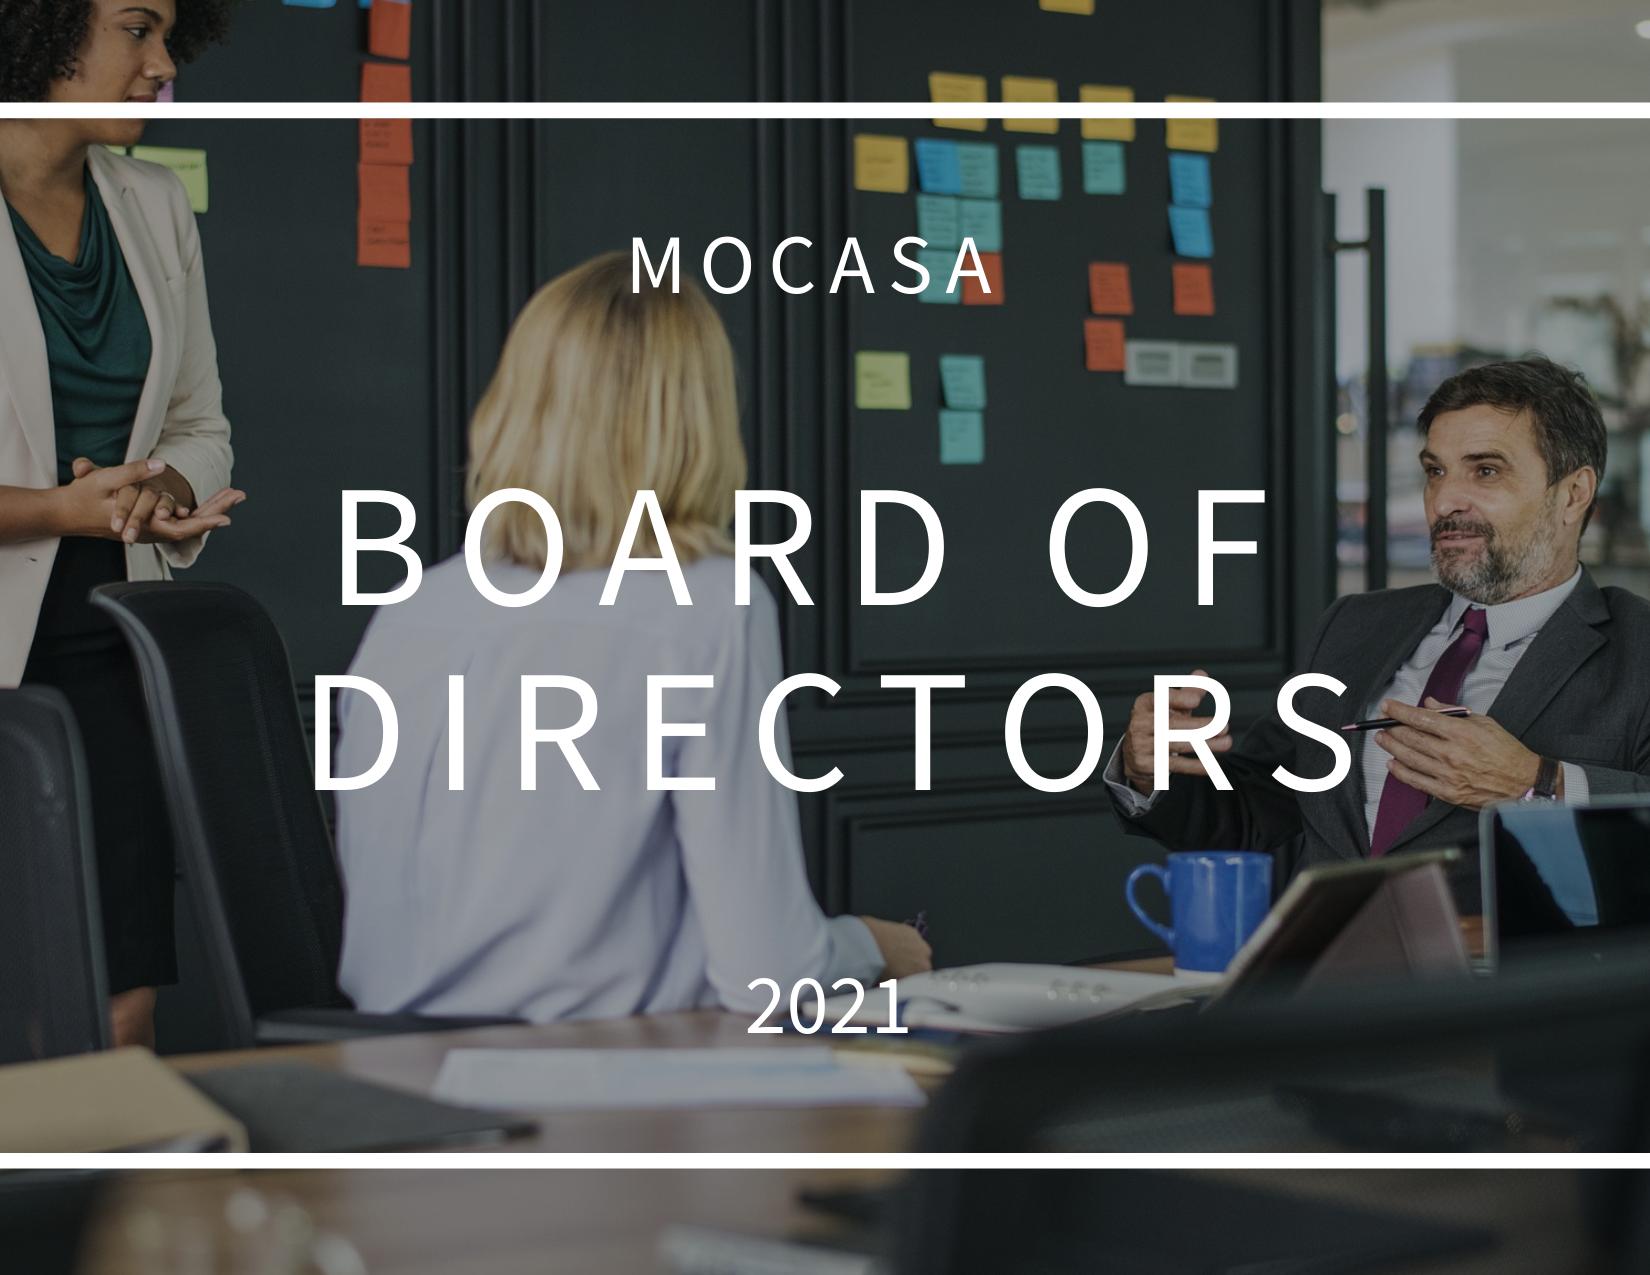 MOCASA Board